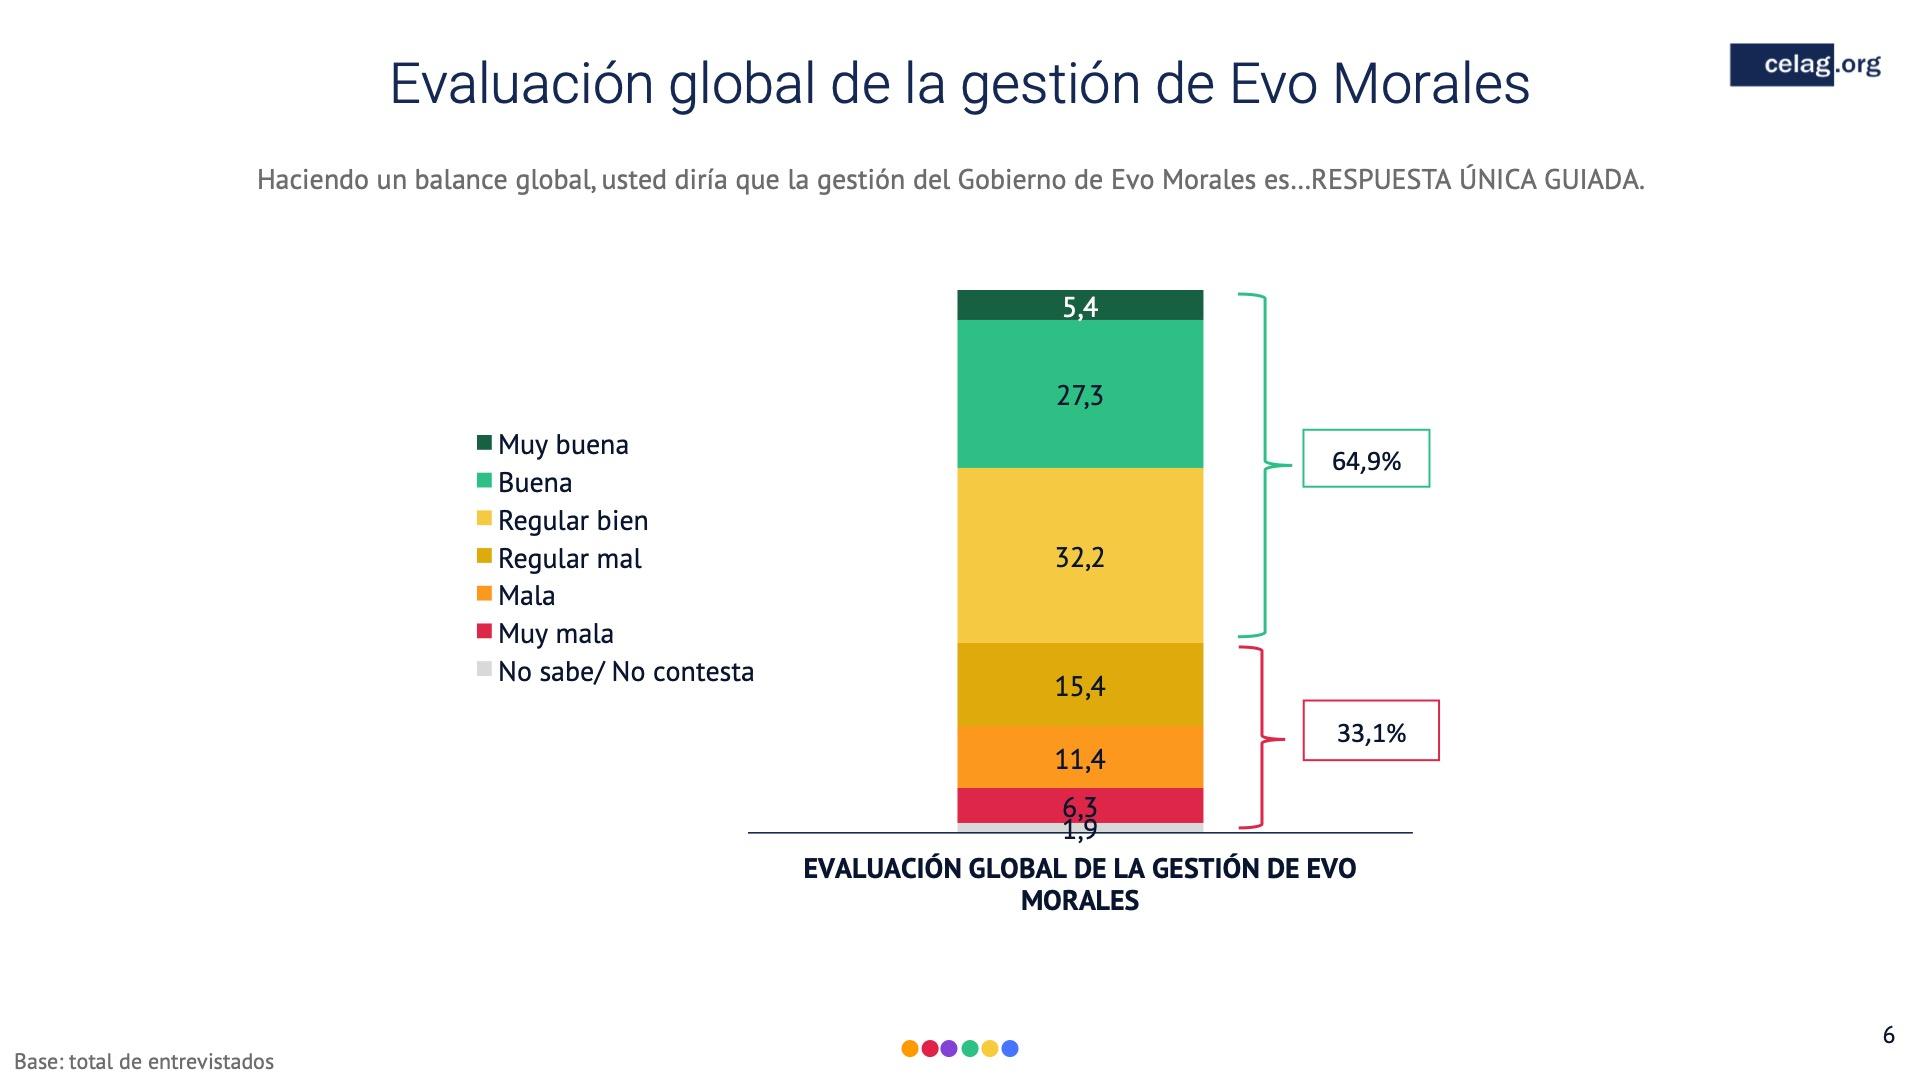 06 Elecciones bolivia evaluacion global evo morales